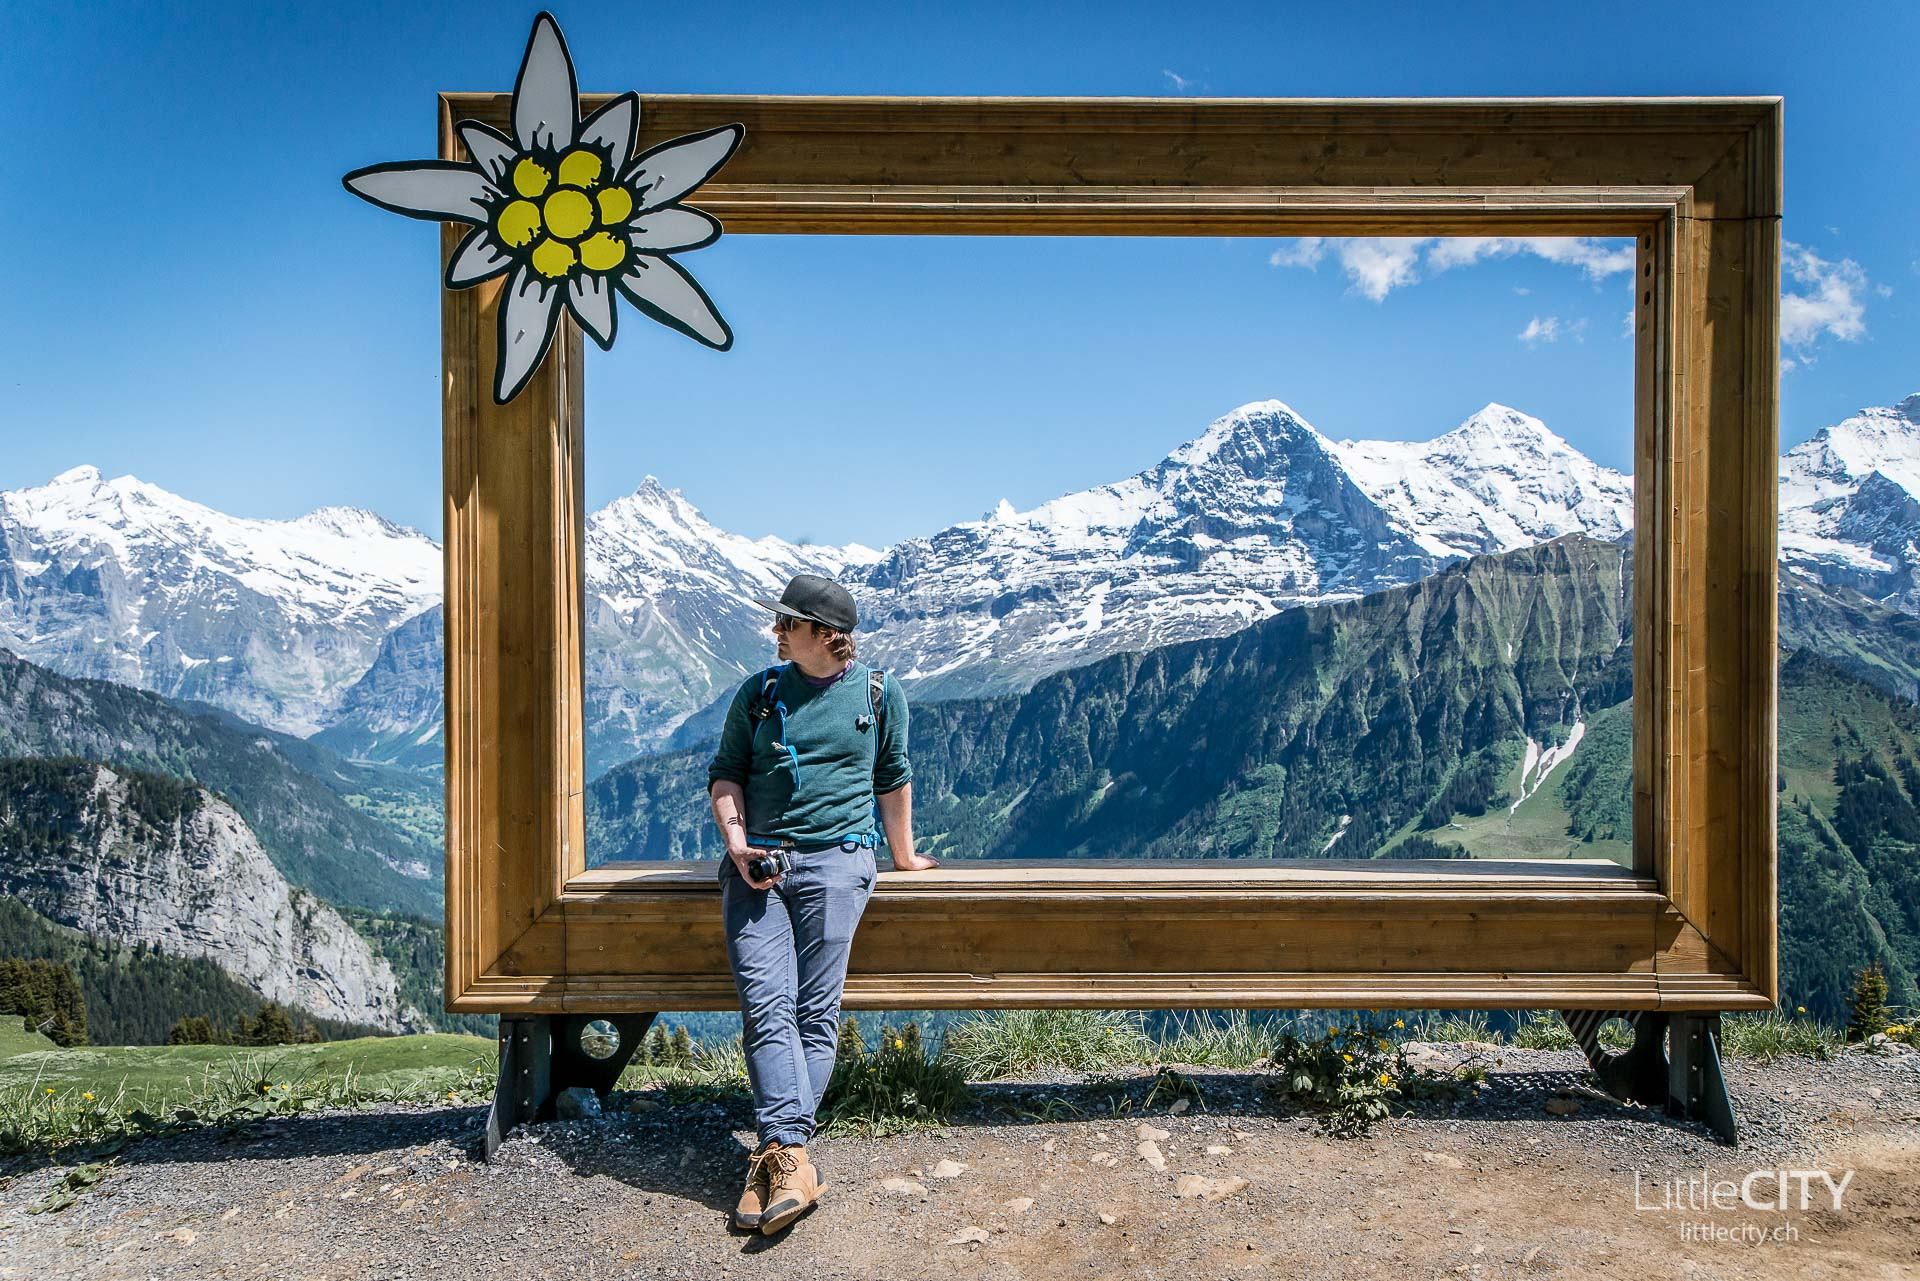 Schynige Platte Wanderung Jungfrau Bahnen LittleCITY-37